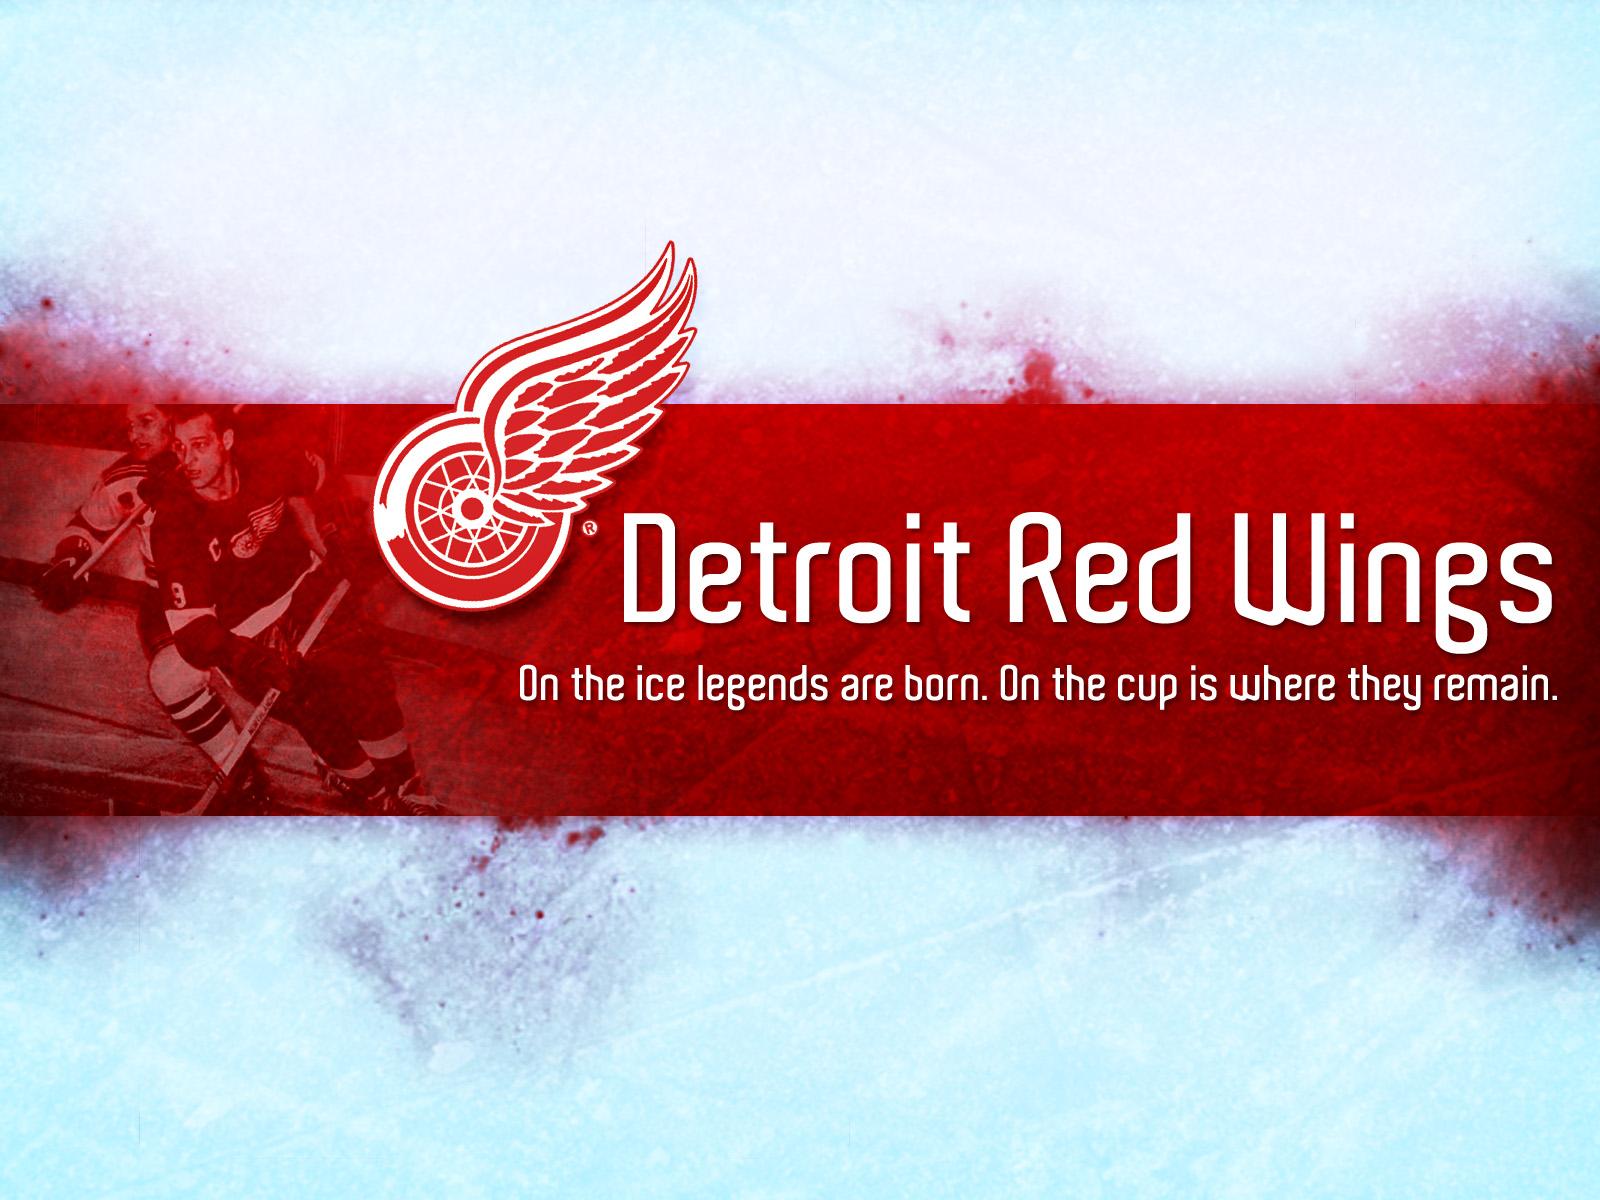 Detroit Red Wings Wallpaper HD 1600x1200